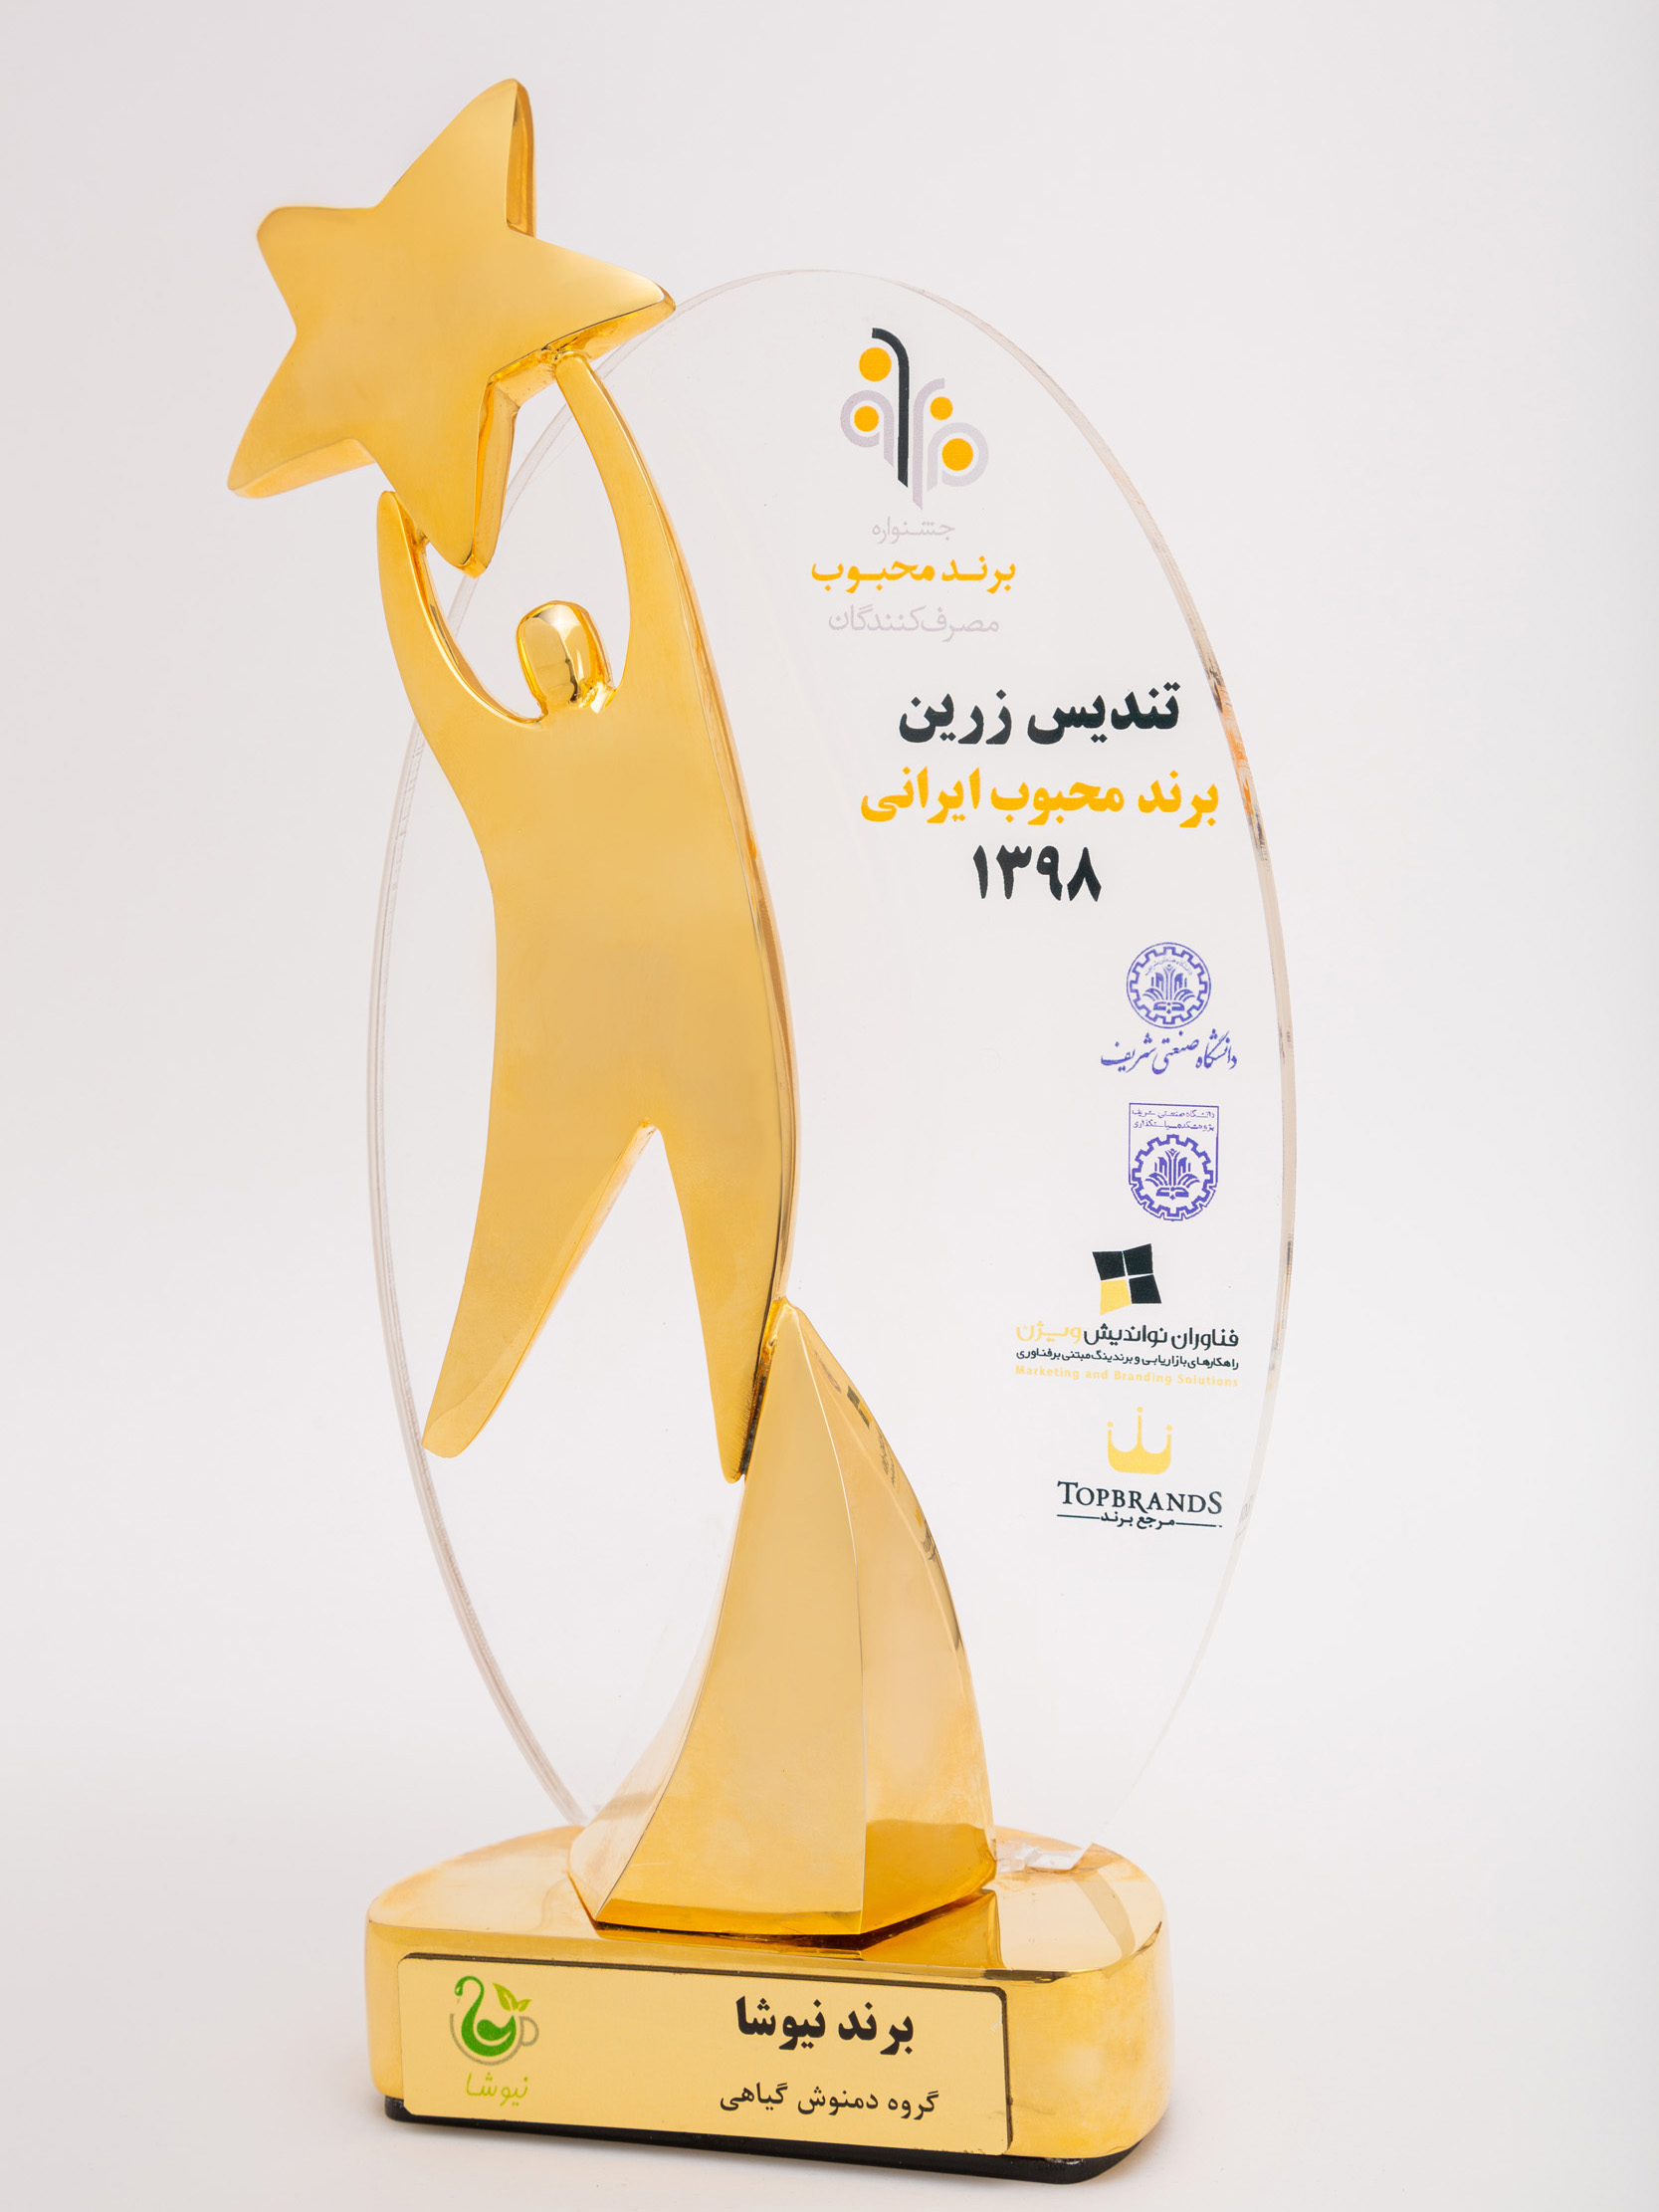 جوایز و دستاوردهای شرکت نیوشا